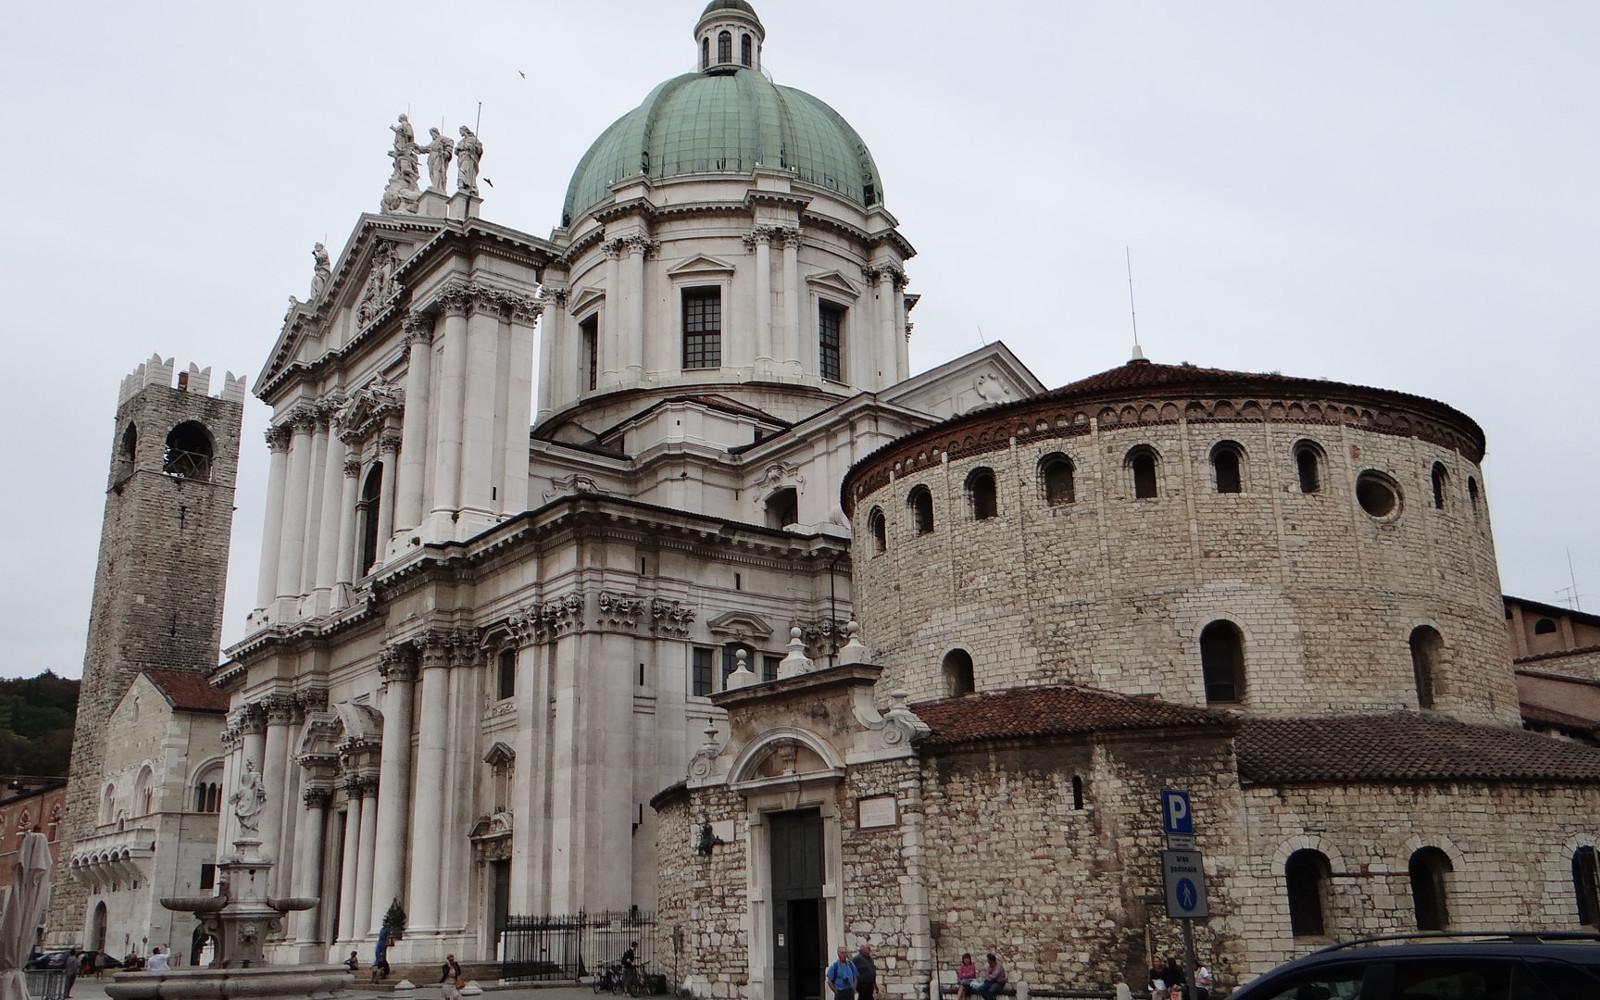 Le cattedrali e piazza del Duomo